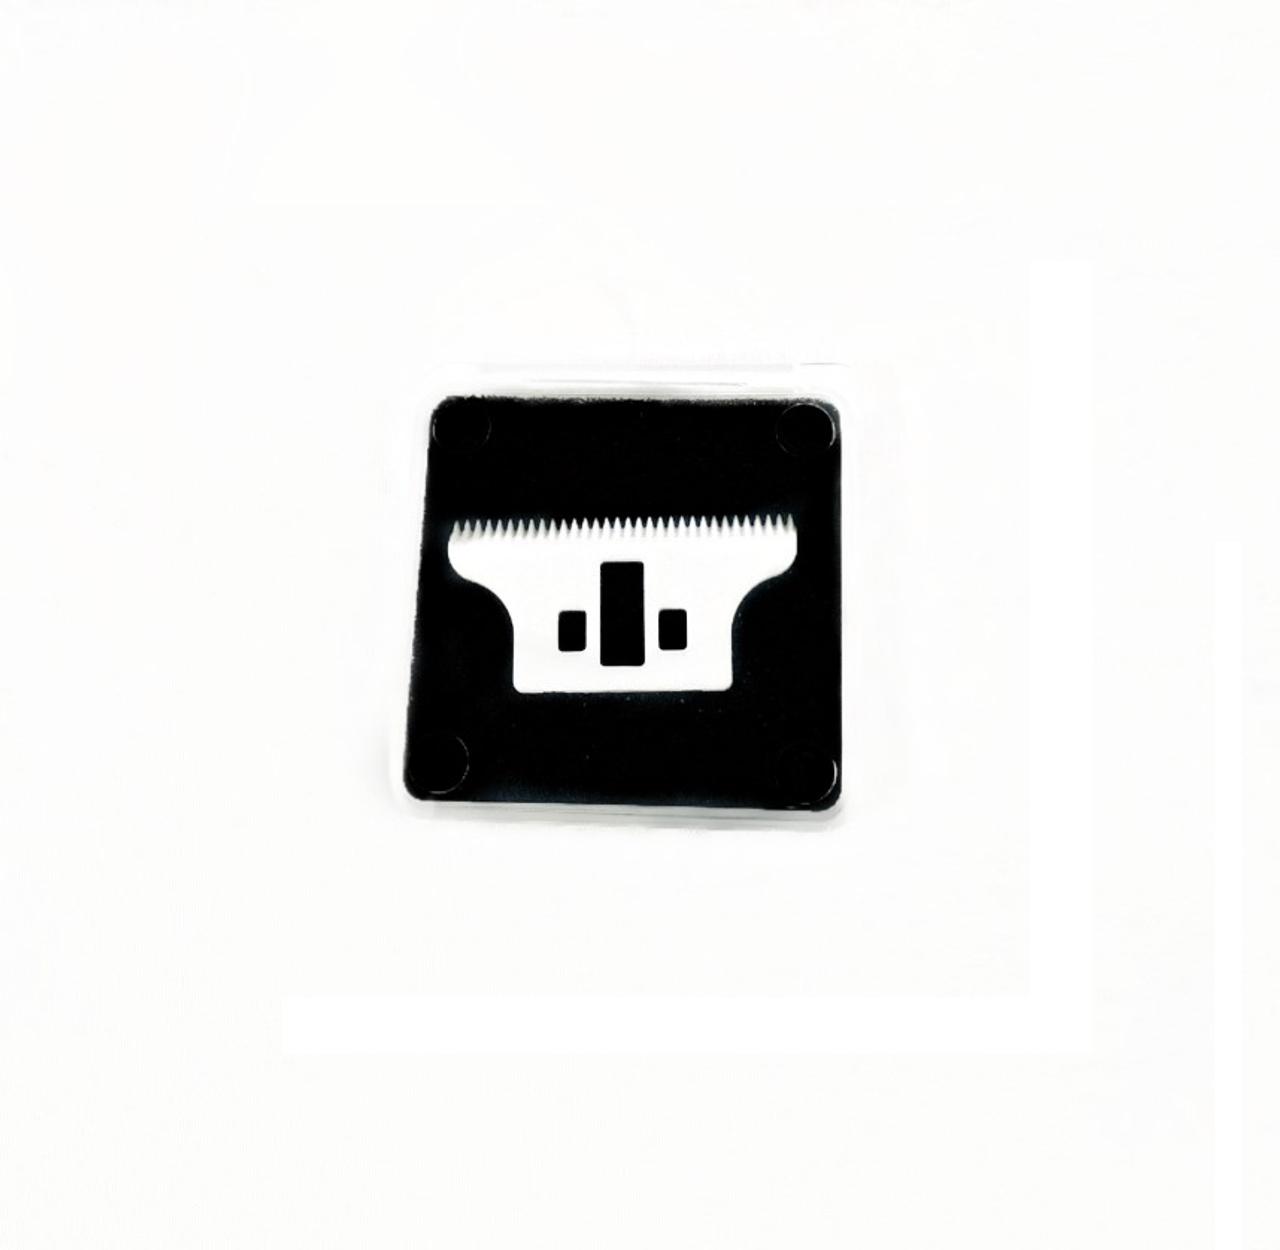 ABBS Ceramic Cutter - Detailer